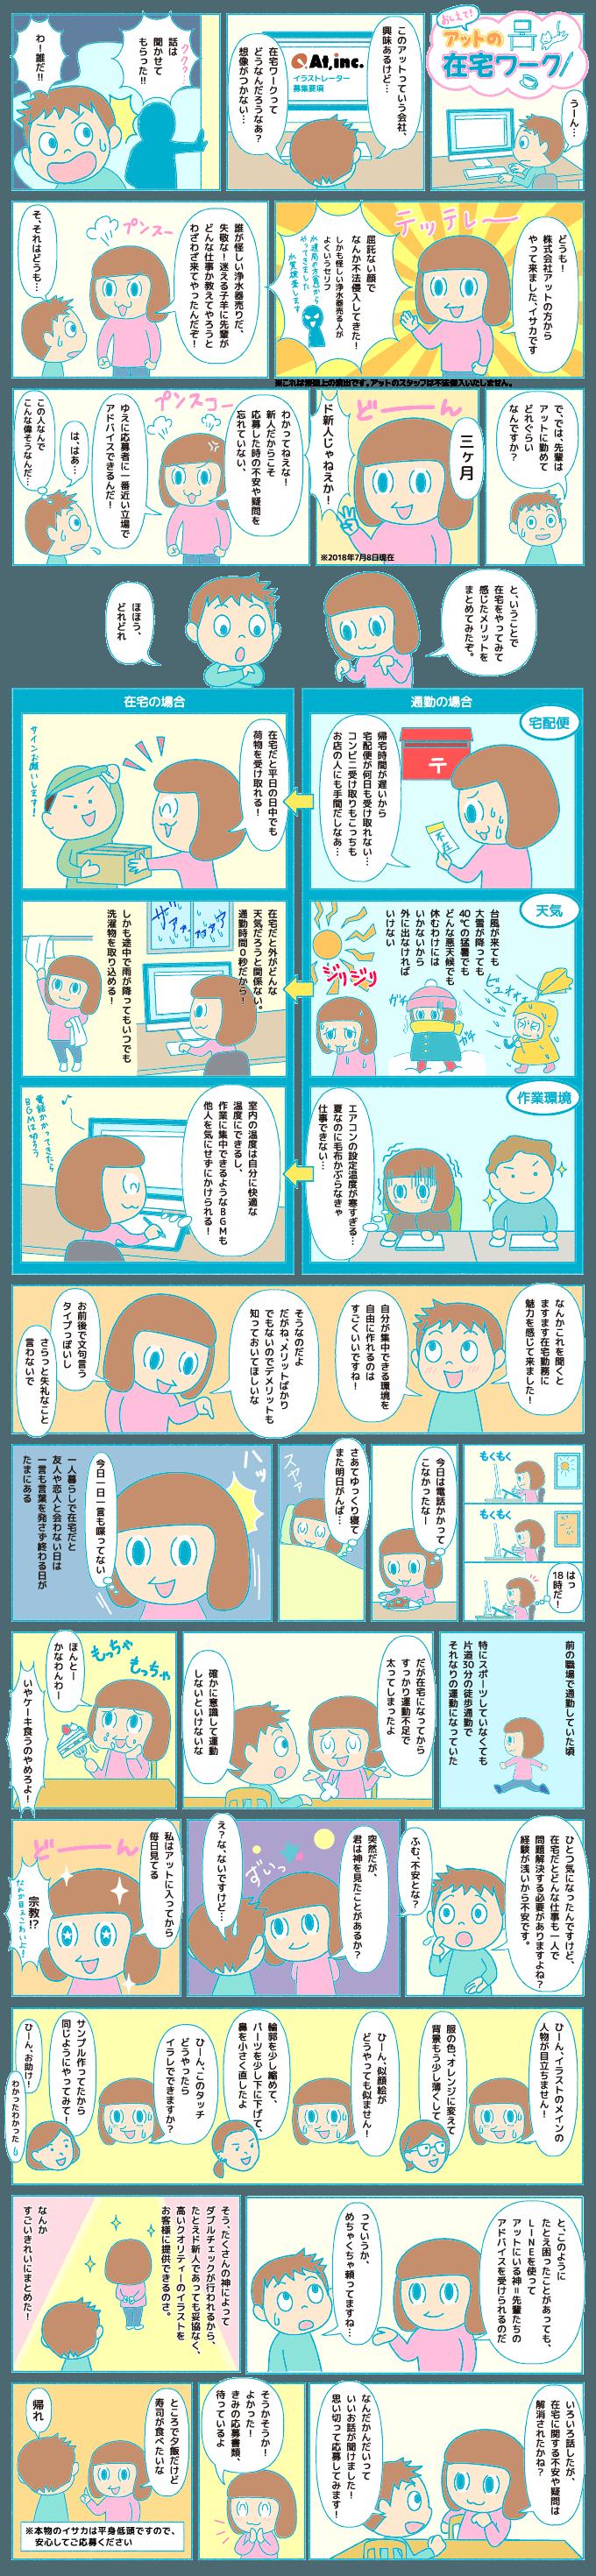 A197-1 在宅勤務のエピソード漫画